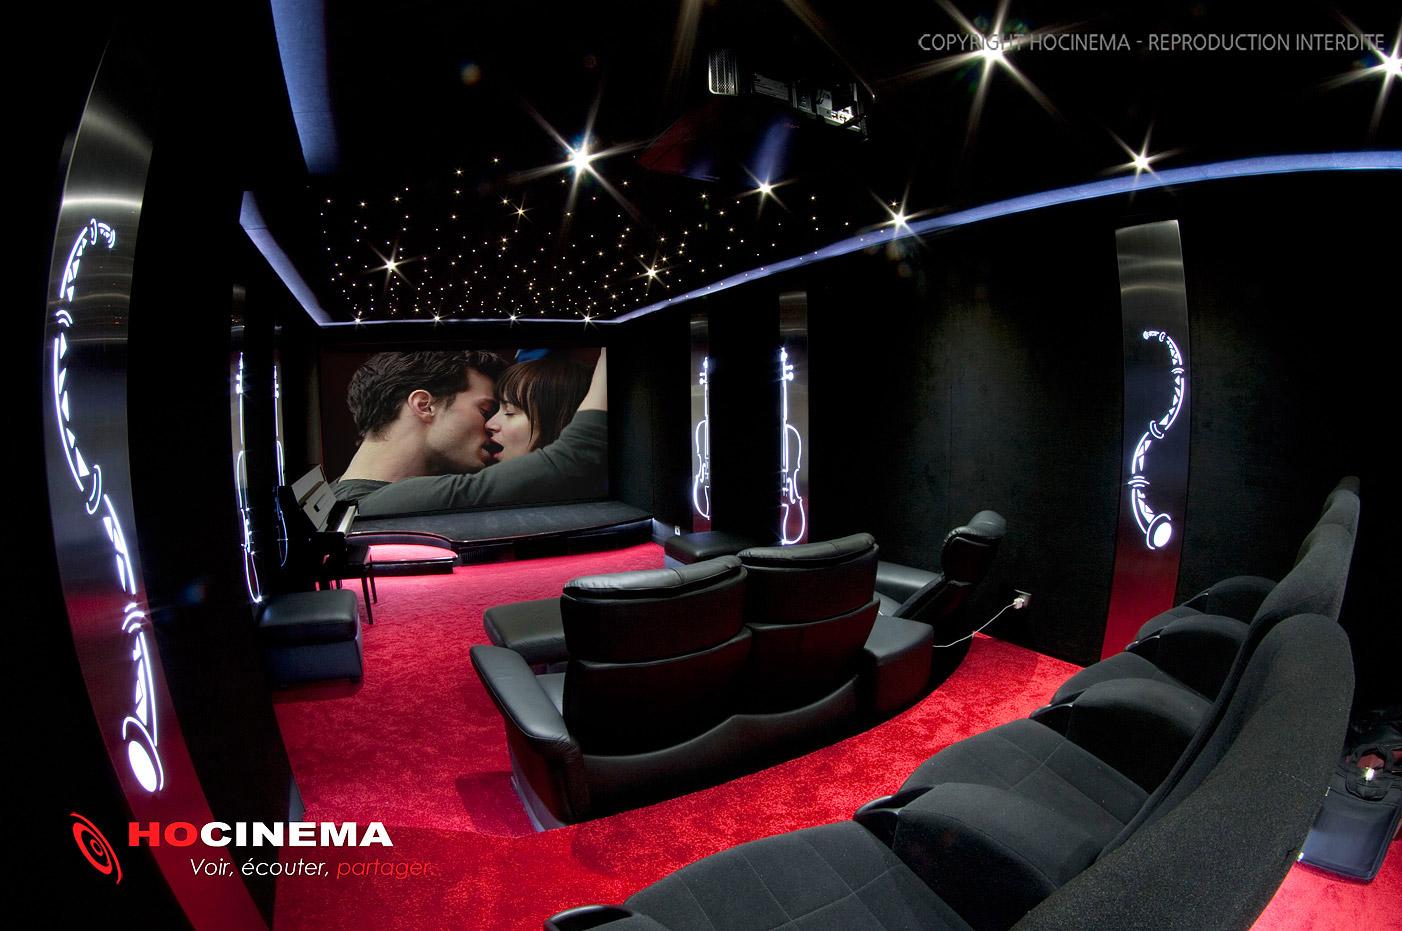 Hocinema La Salle De Cinema Privee A Seine Saint Denis De